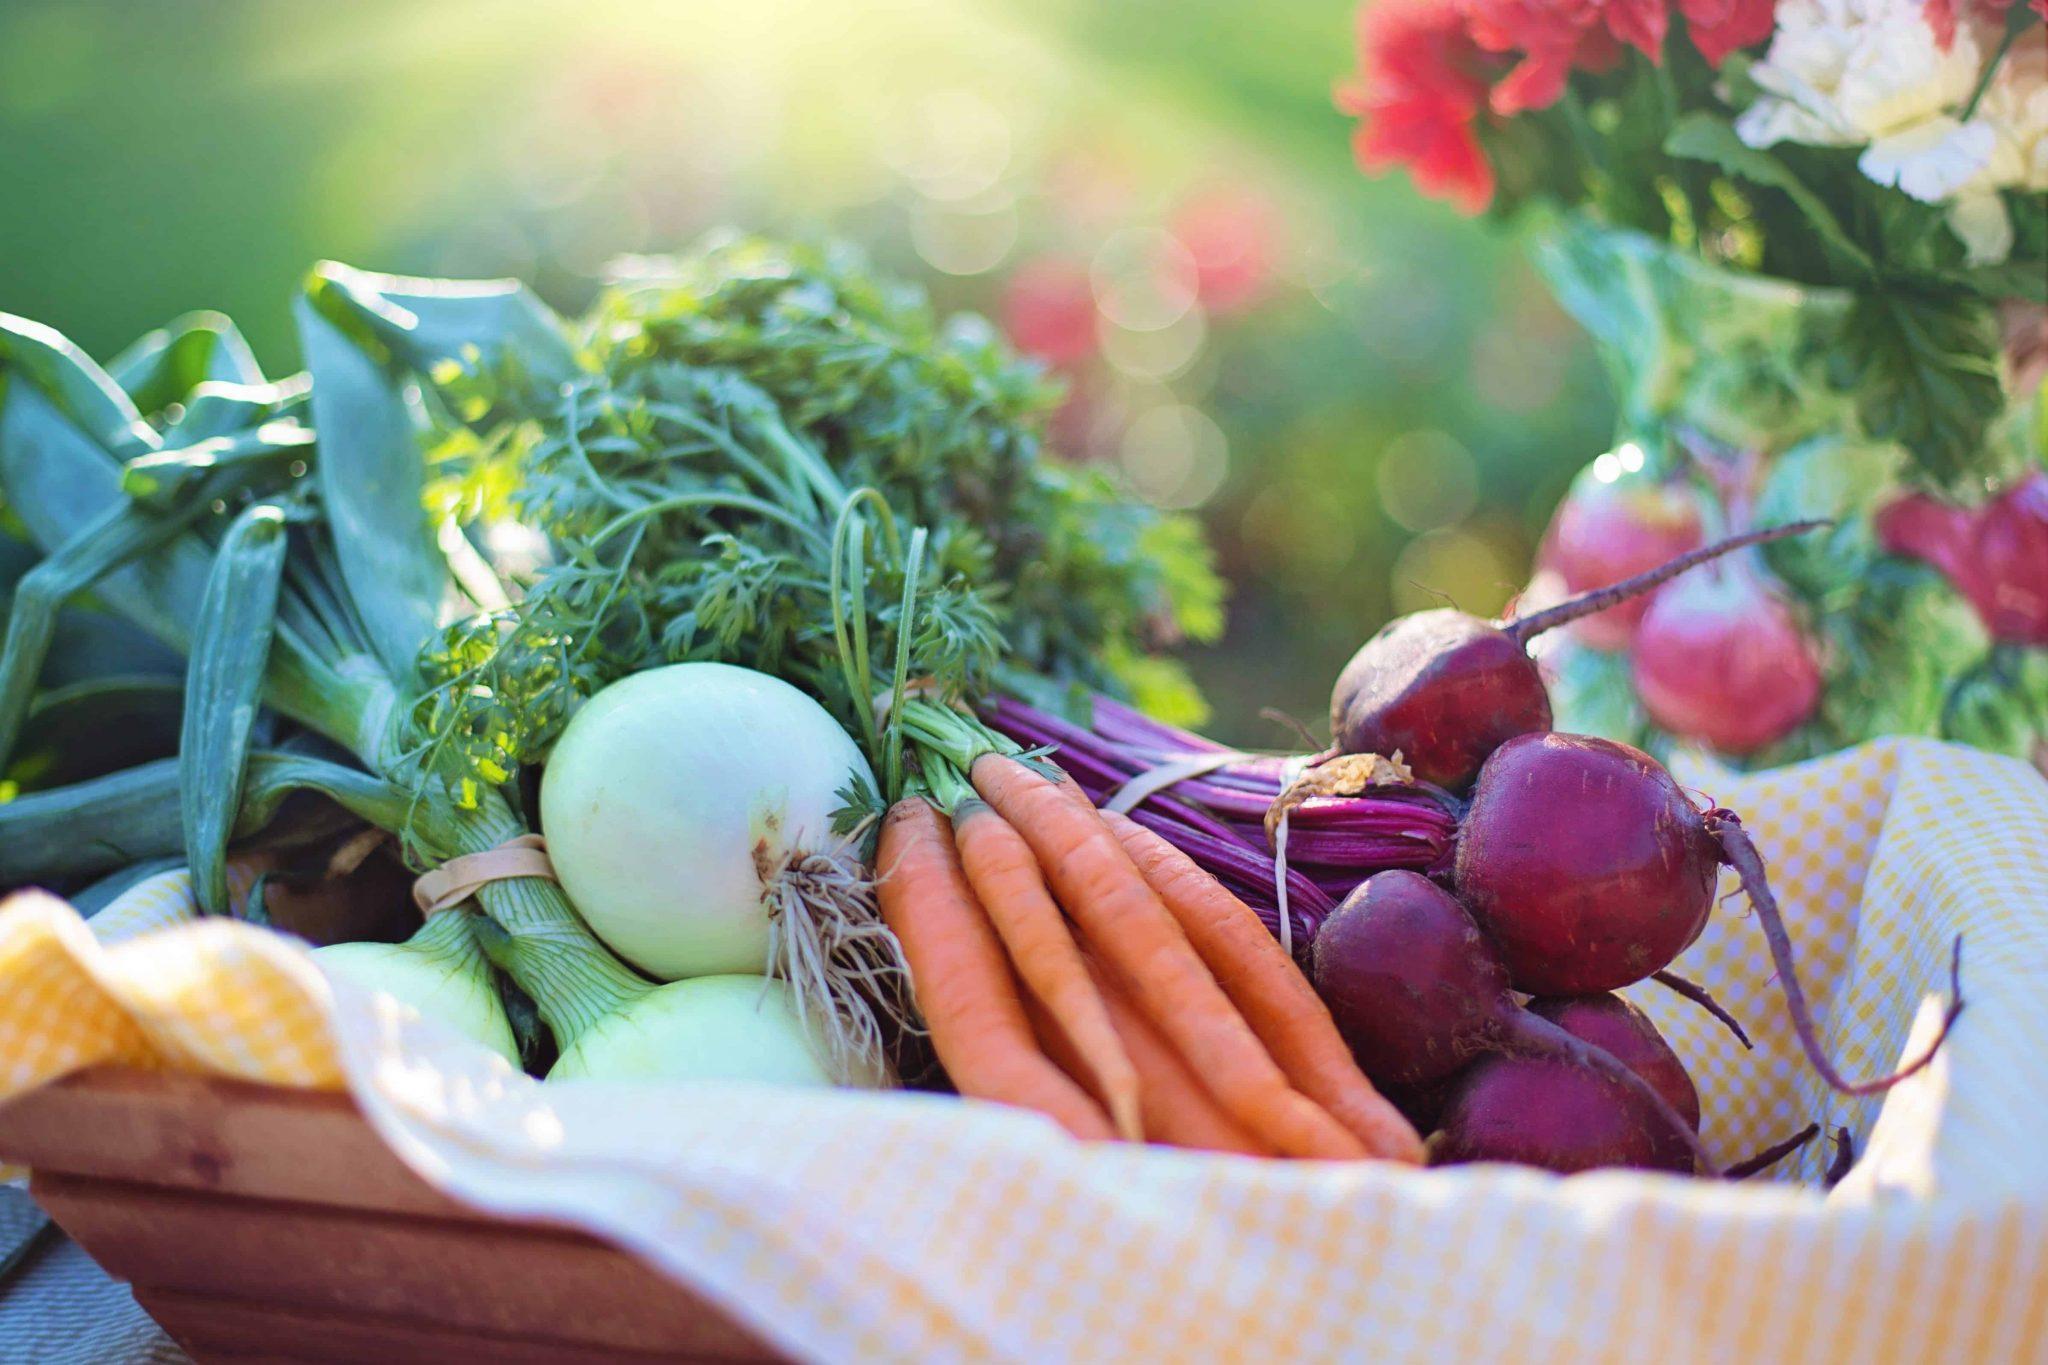 Akdeniz diyeti, sağlıklı yaşam, sağlıklı beslenme, doğal beslenme